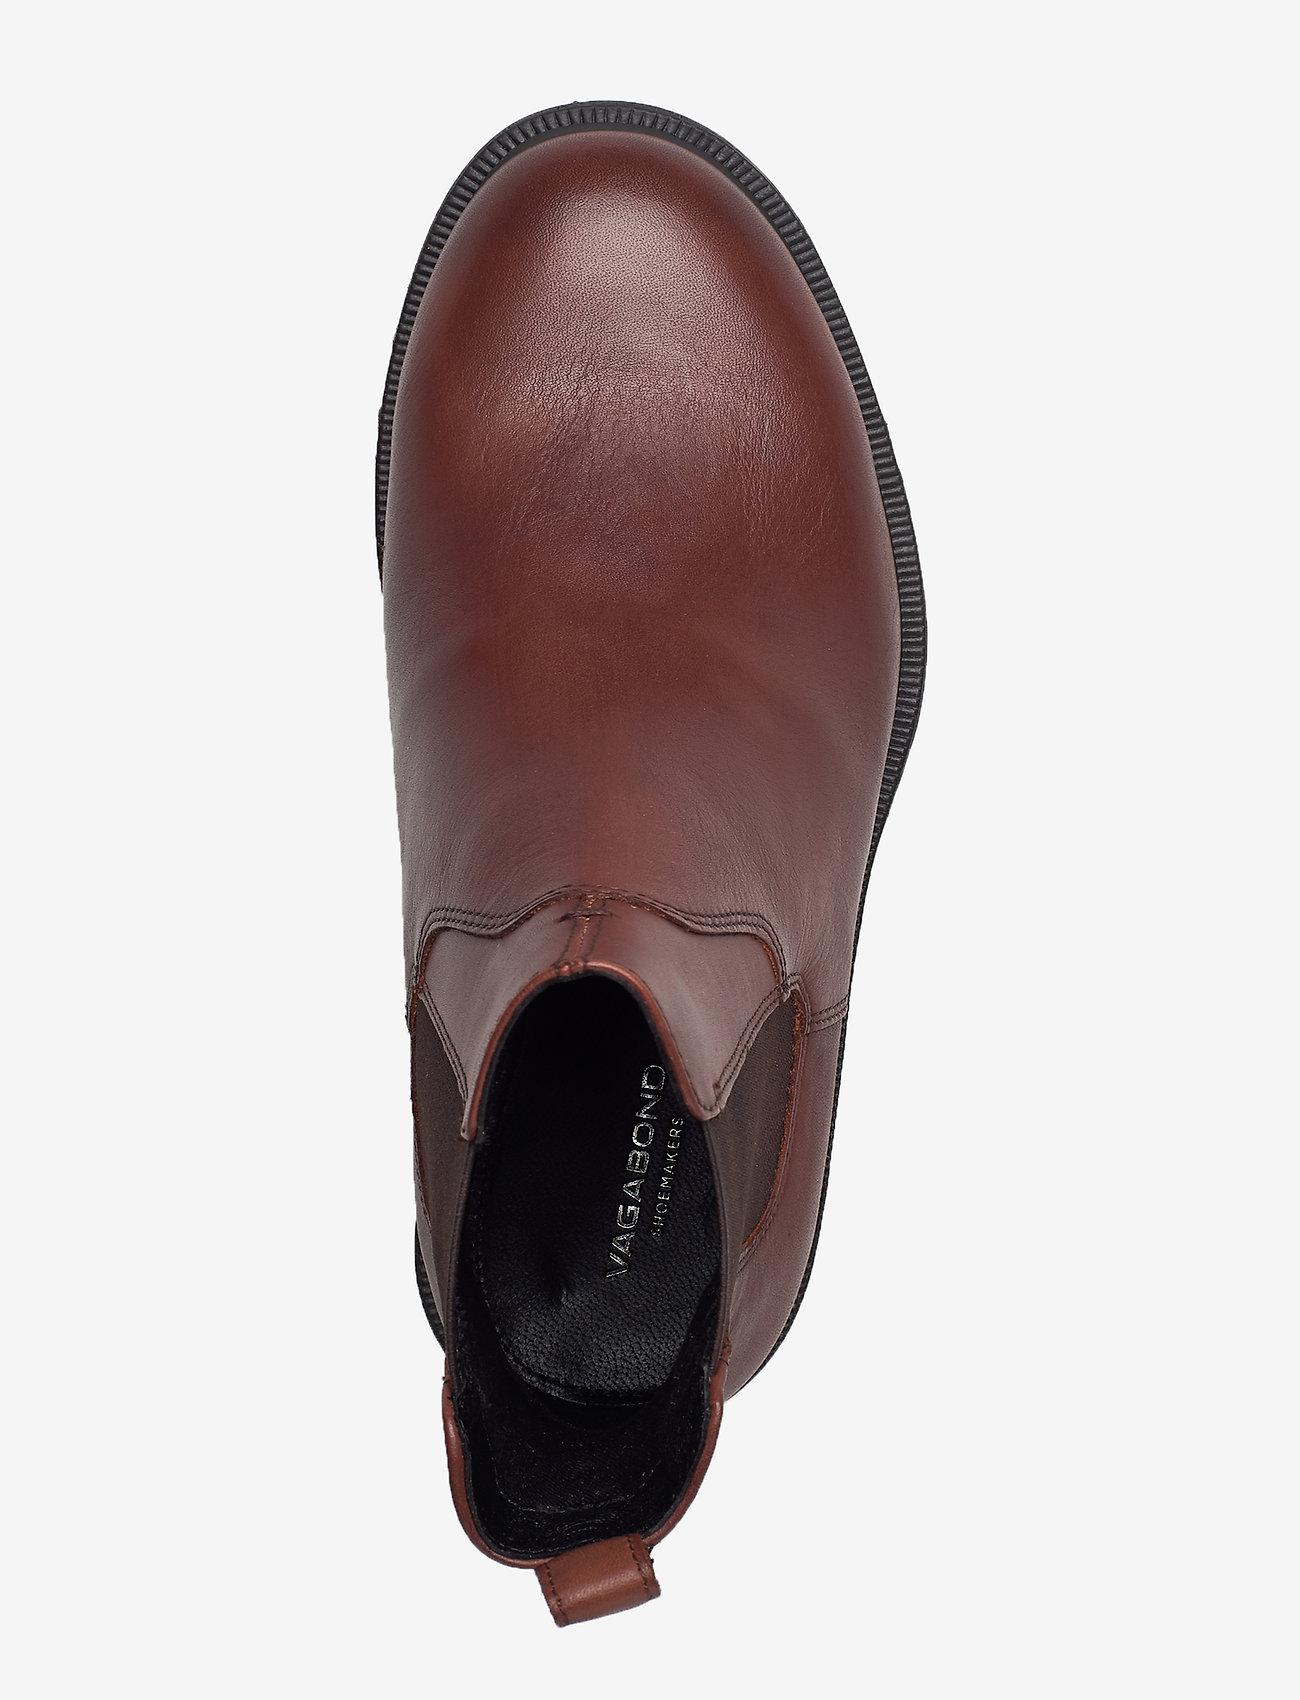 VAGABOND - AMINA - chelsea boots - cognac - 3